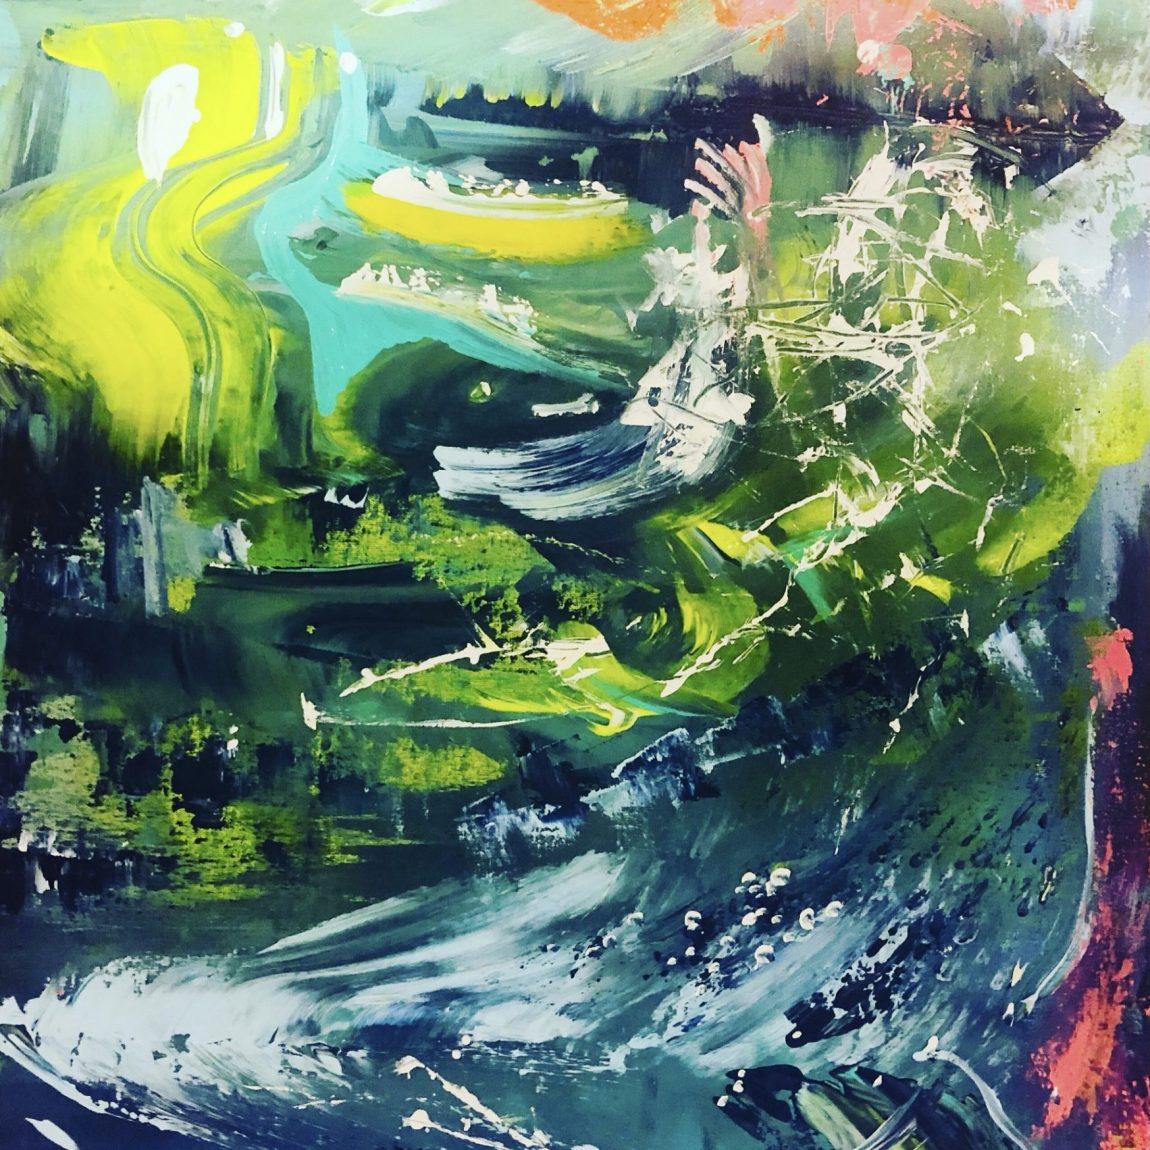 Sanatçı : Belma Bozkurt- - Eser Adı: Under water and sky-  Teknik:  - Ölçü: 50 x 70 cm  - Fiyat : 1.950 TL